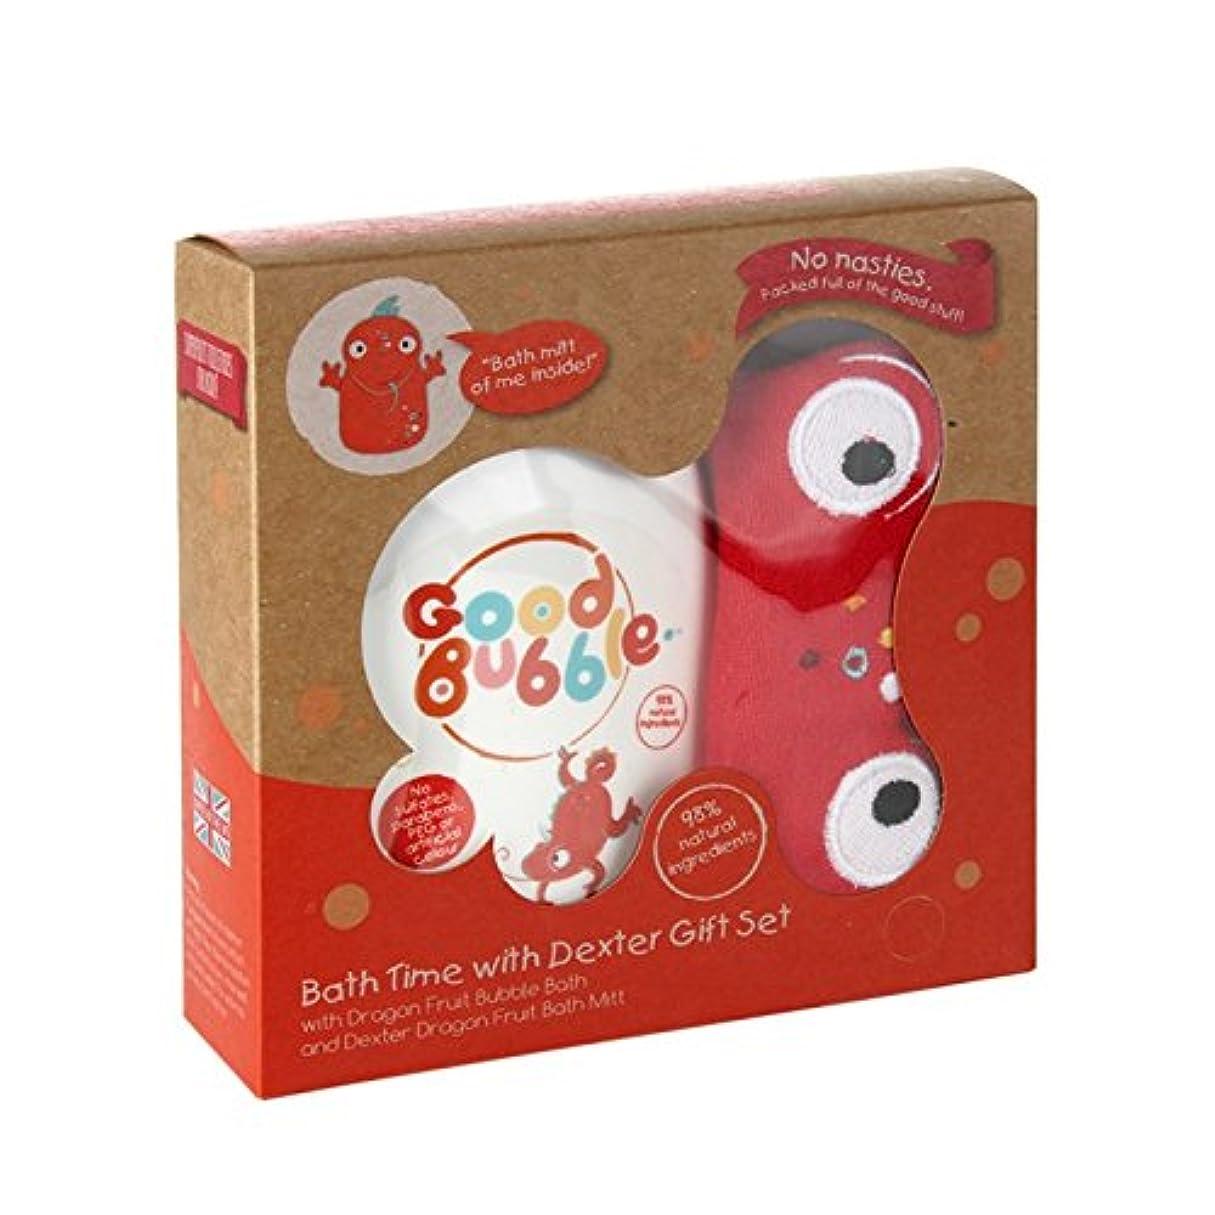 ライド火薬火曜日Good Bubble Dexter Dragonfruit Gift Set 550g (Pack of 6) - 良いバブルデクスターDragonfruitギフトセット550グラム (x6) [並行輸入品]